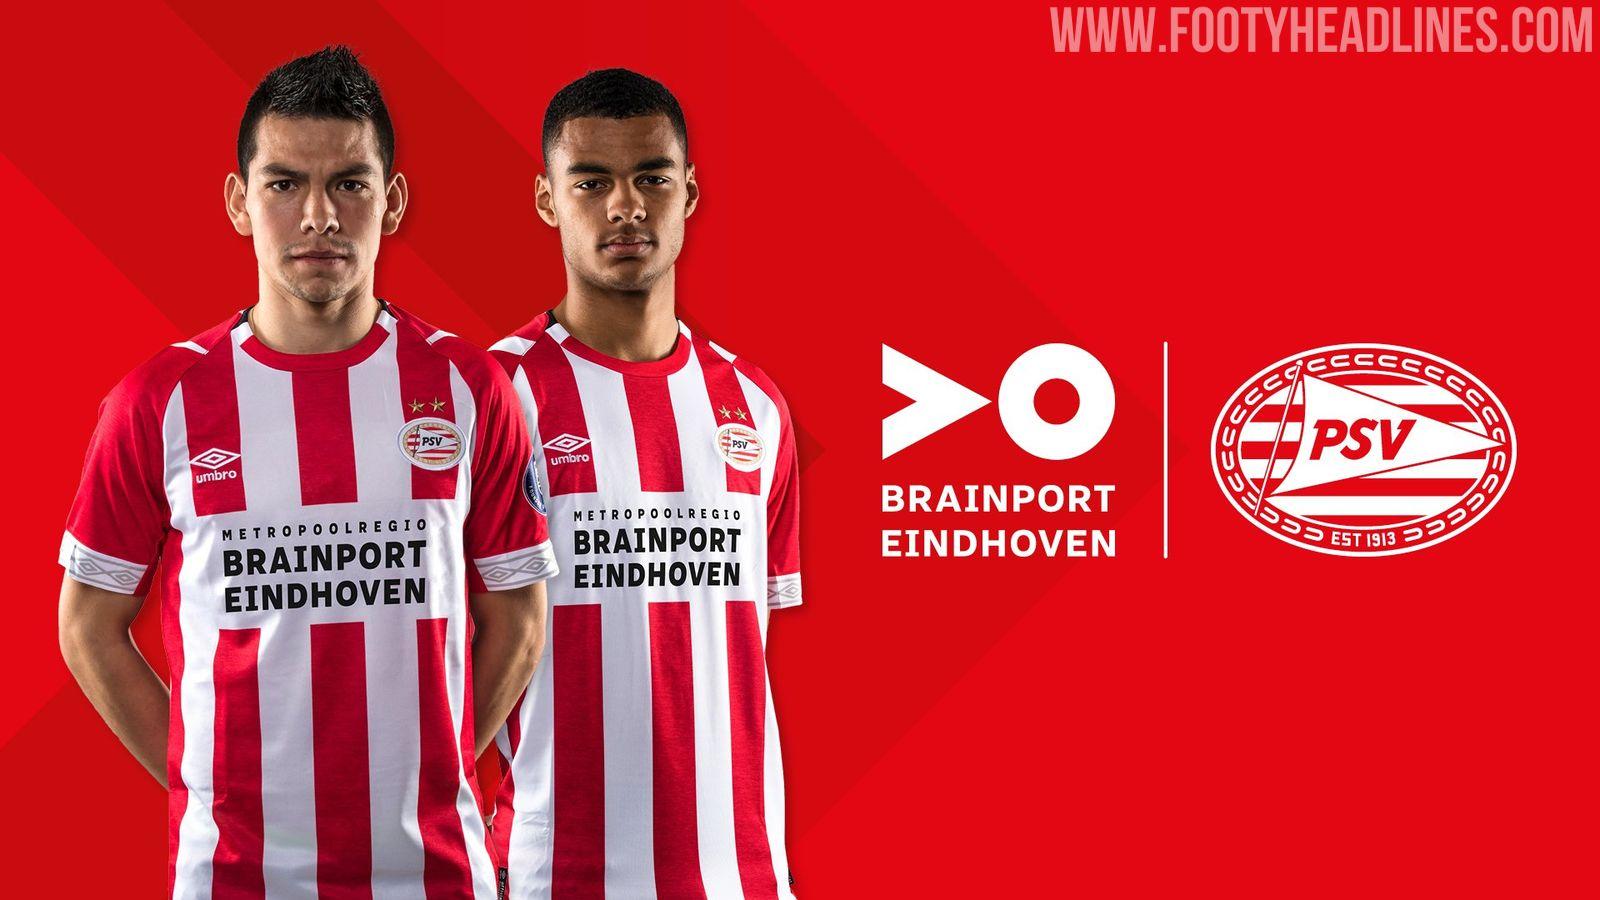 """PSV Announce New Main Sponsor """"Brainport"""" - Footy Headlines"""